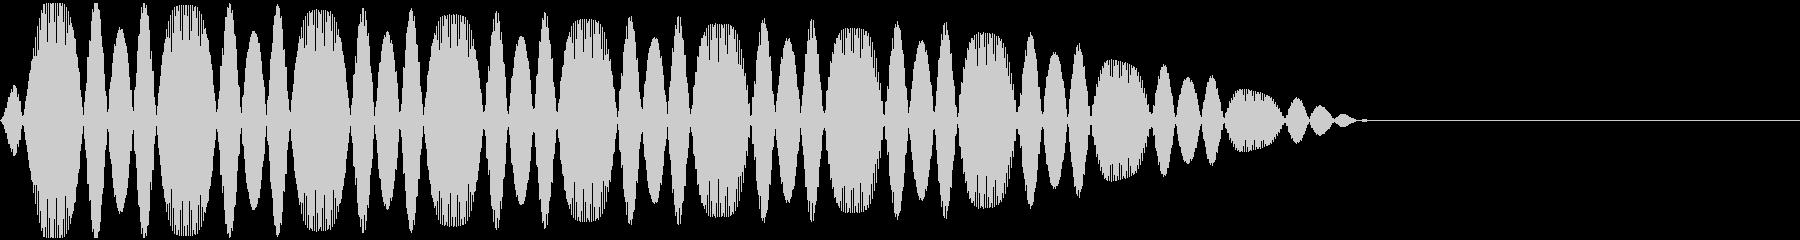 ピロピロ(超音波/レーザー/ファミコンの未再生の波形